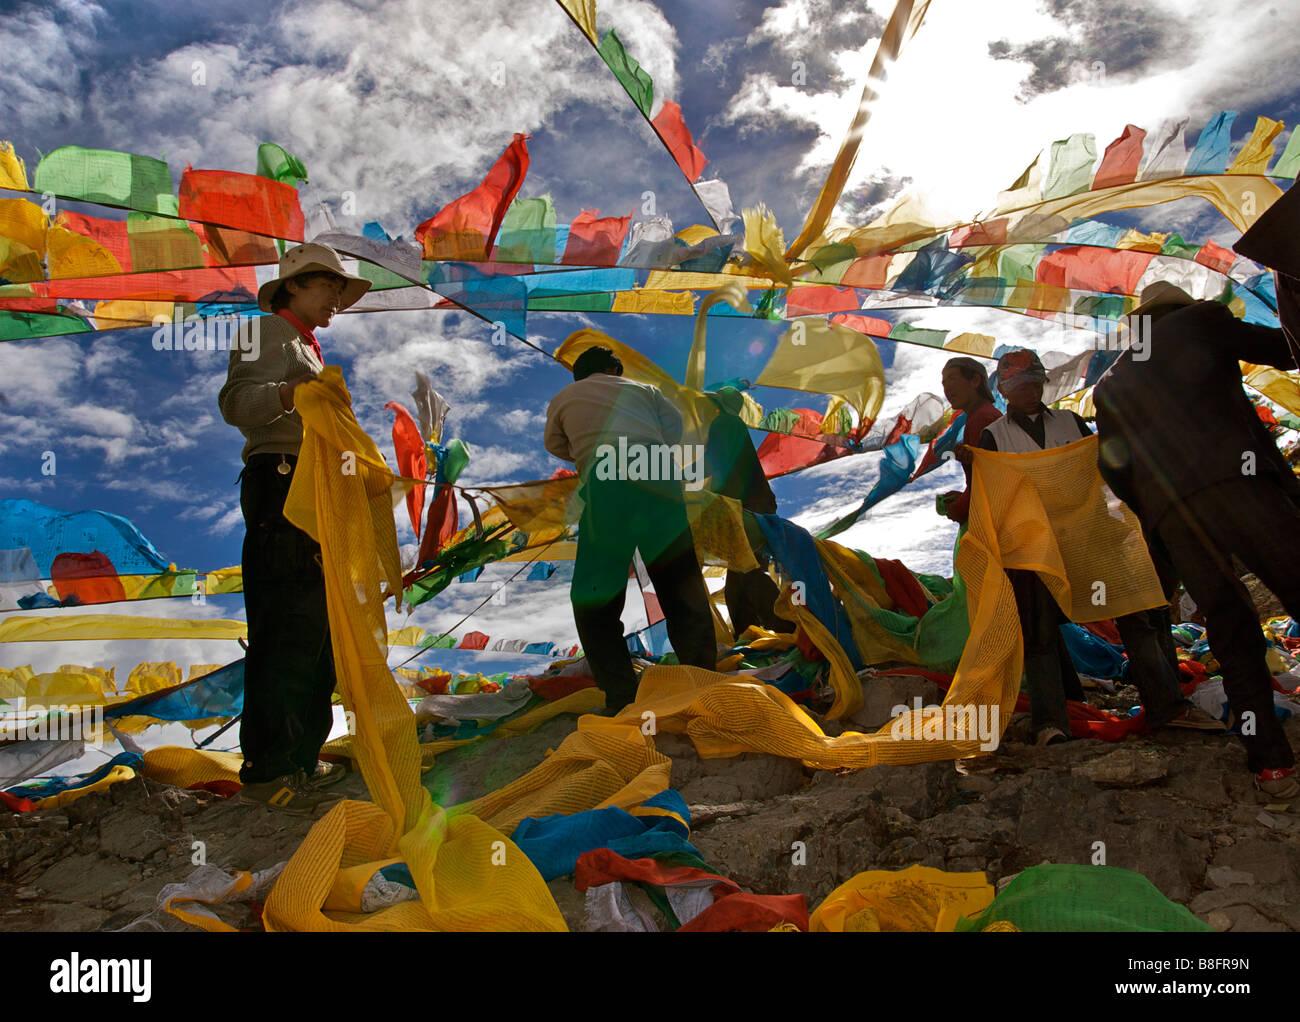 Tibetan men collecting loose prayerflags, Nam Tso Lake, Tibet - Stock Image